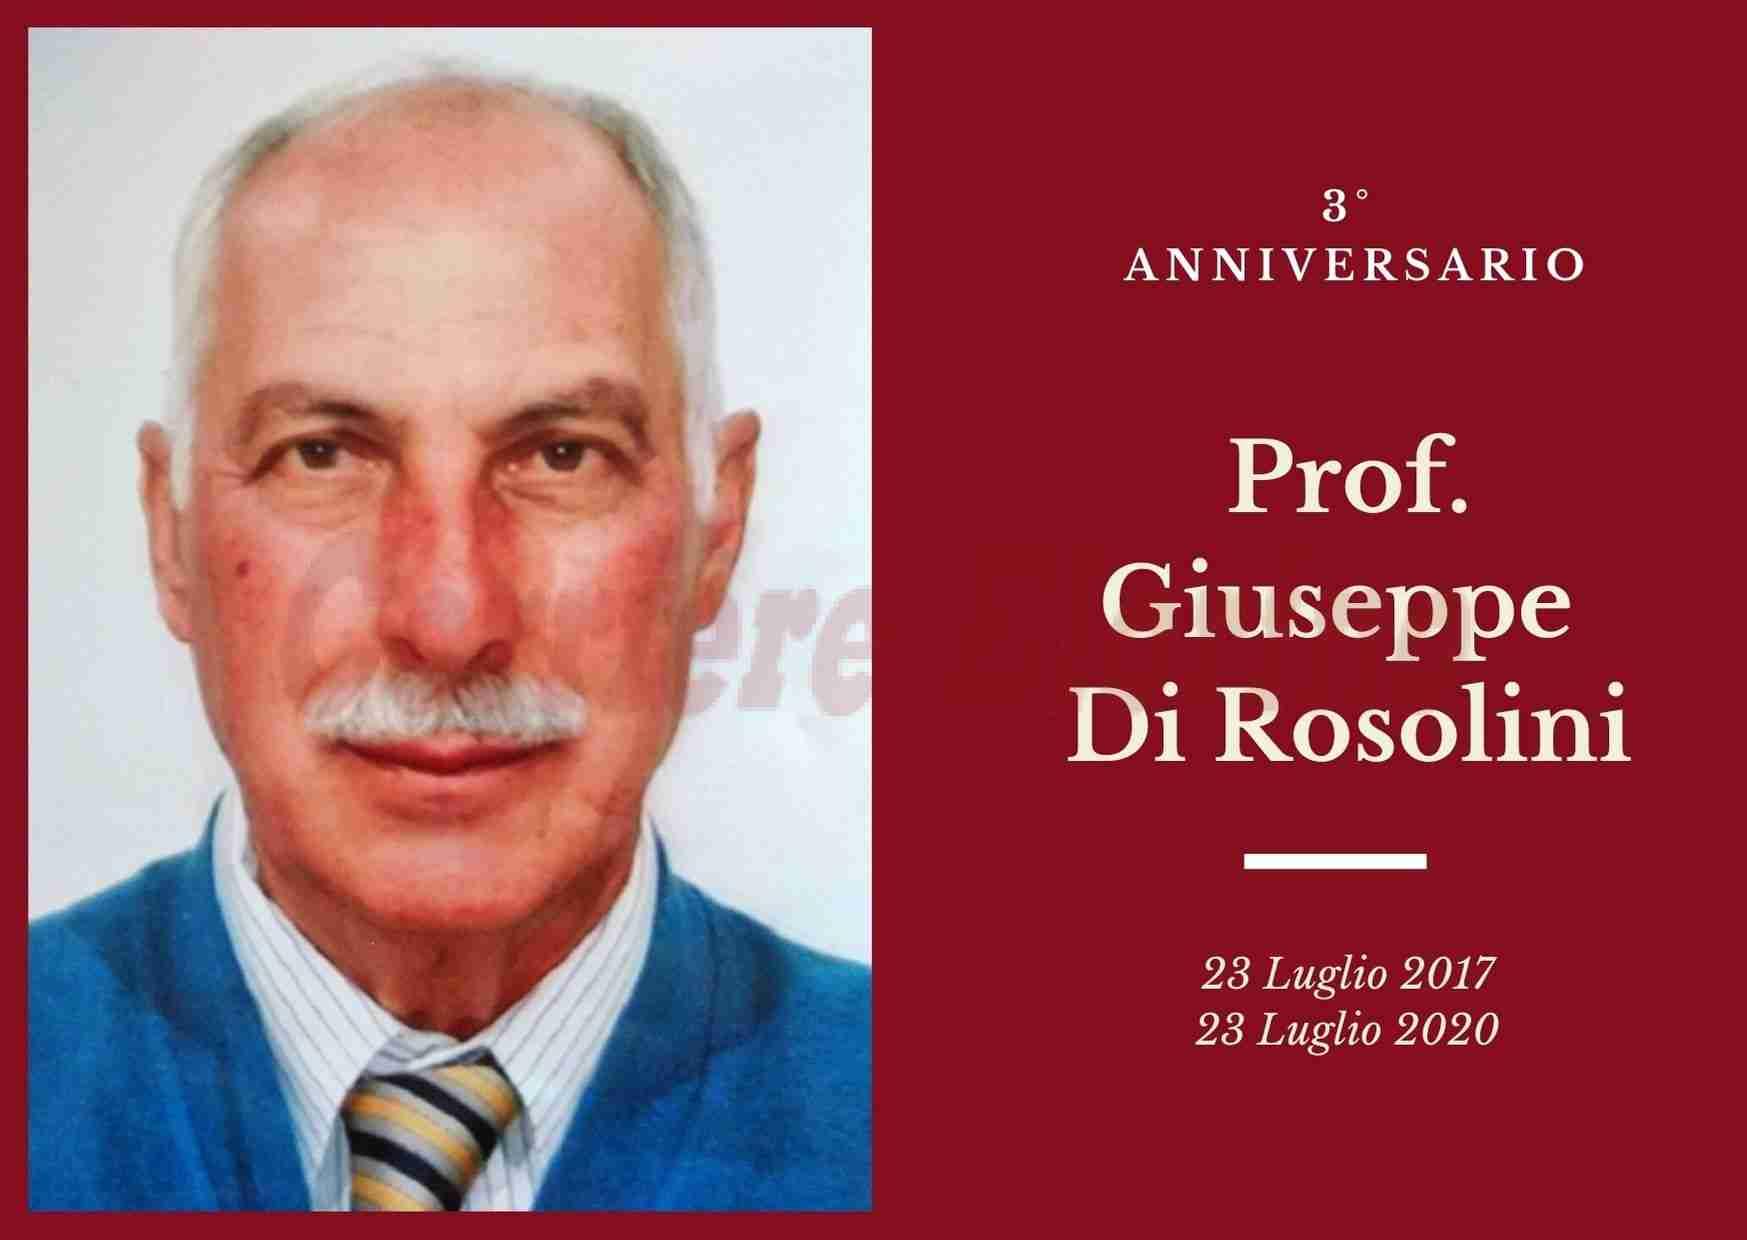 Necrologio: ricorre oggi il 3° Anniversario del Prof.Giuseppe Di Rosolini